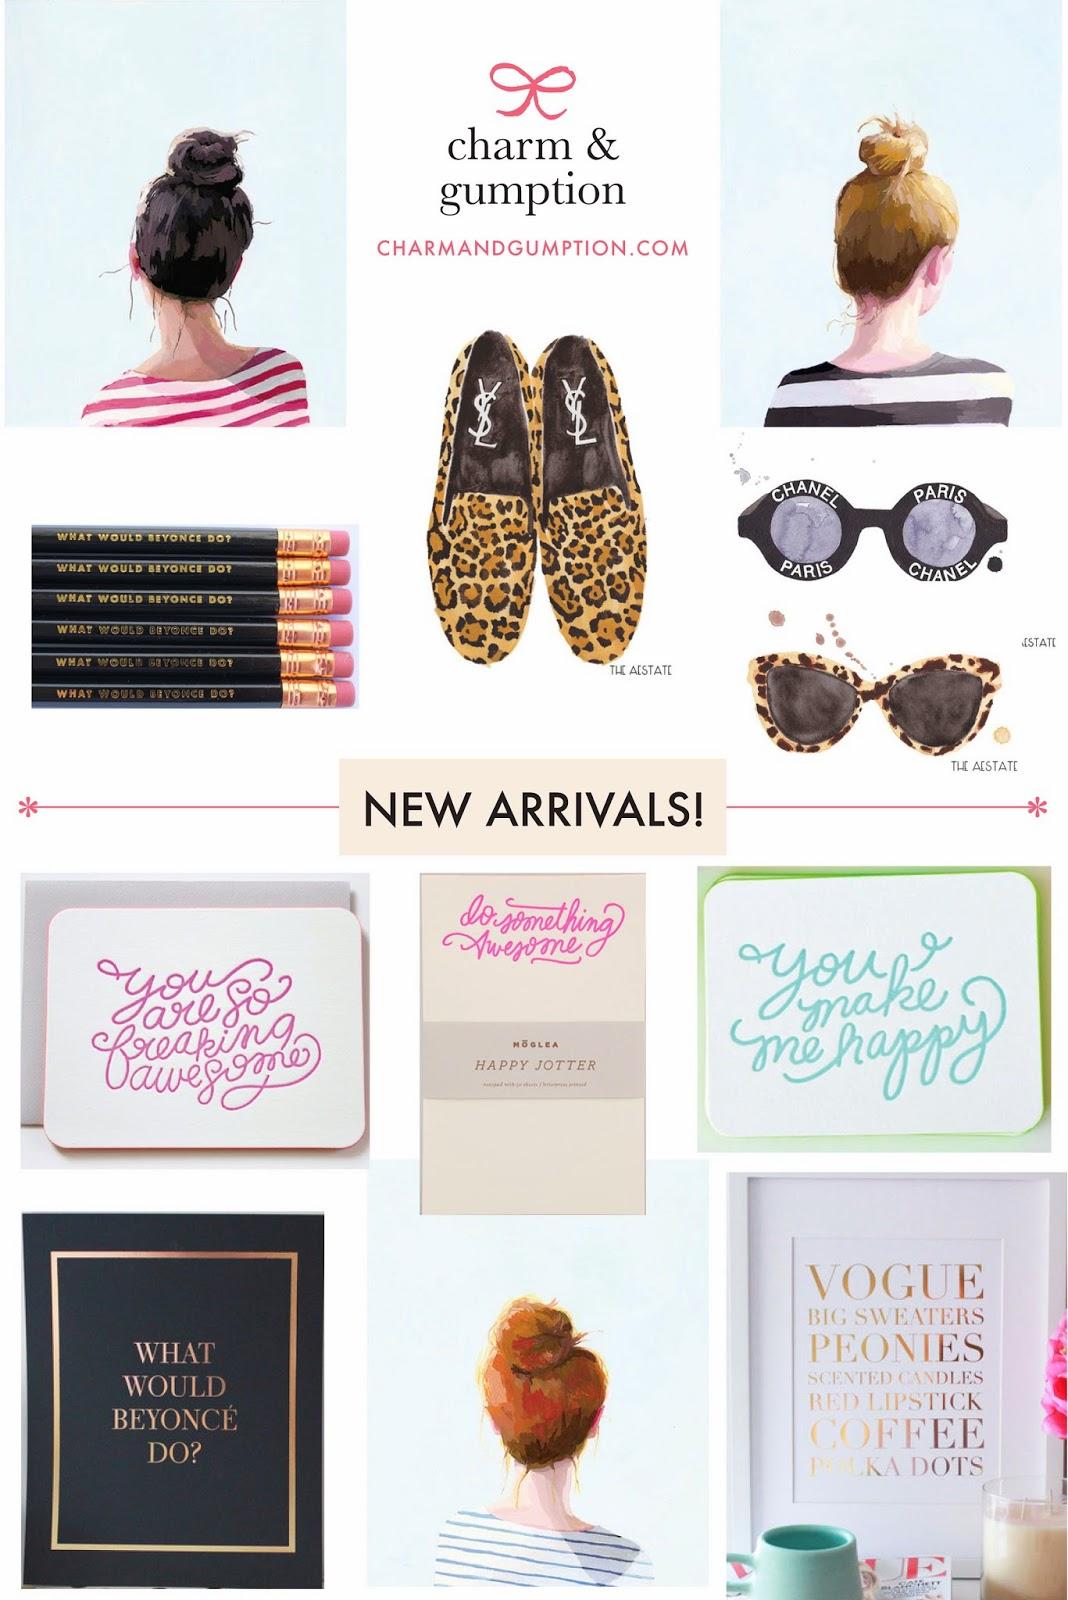 new arrivals | charmandgumption.com